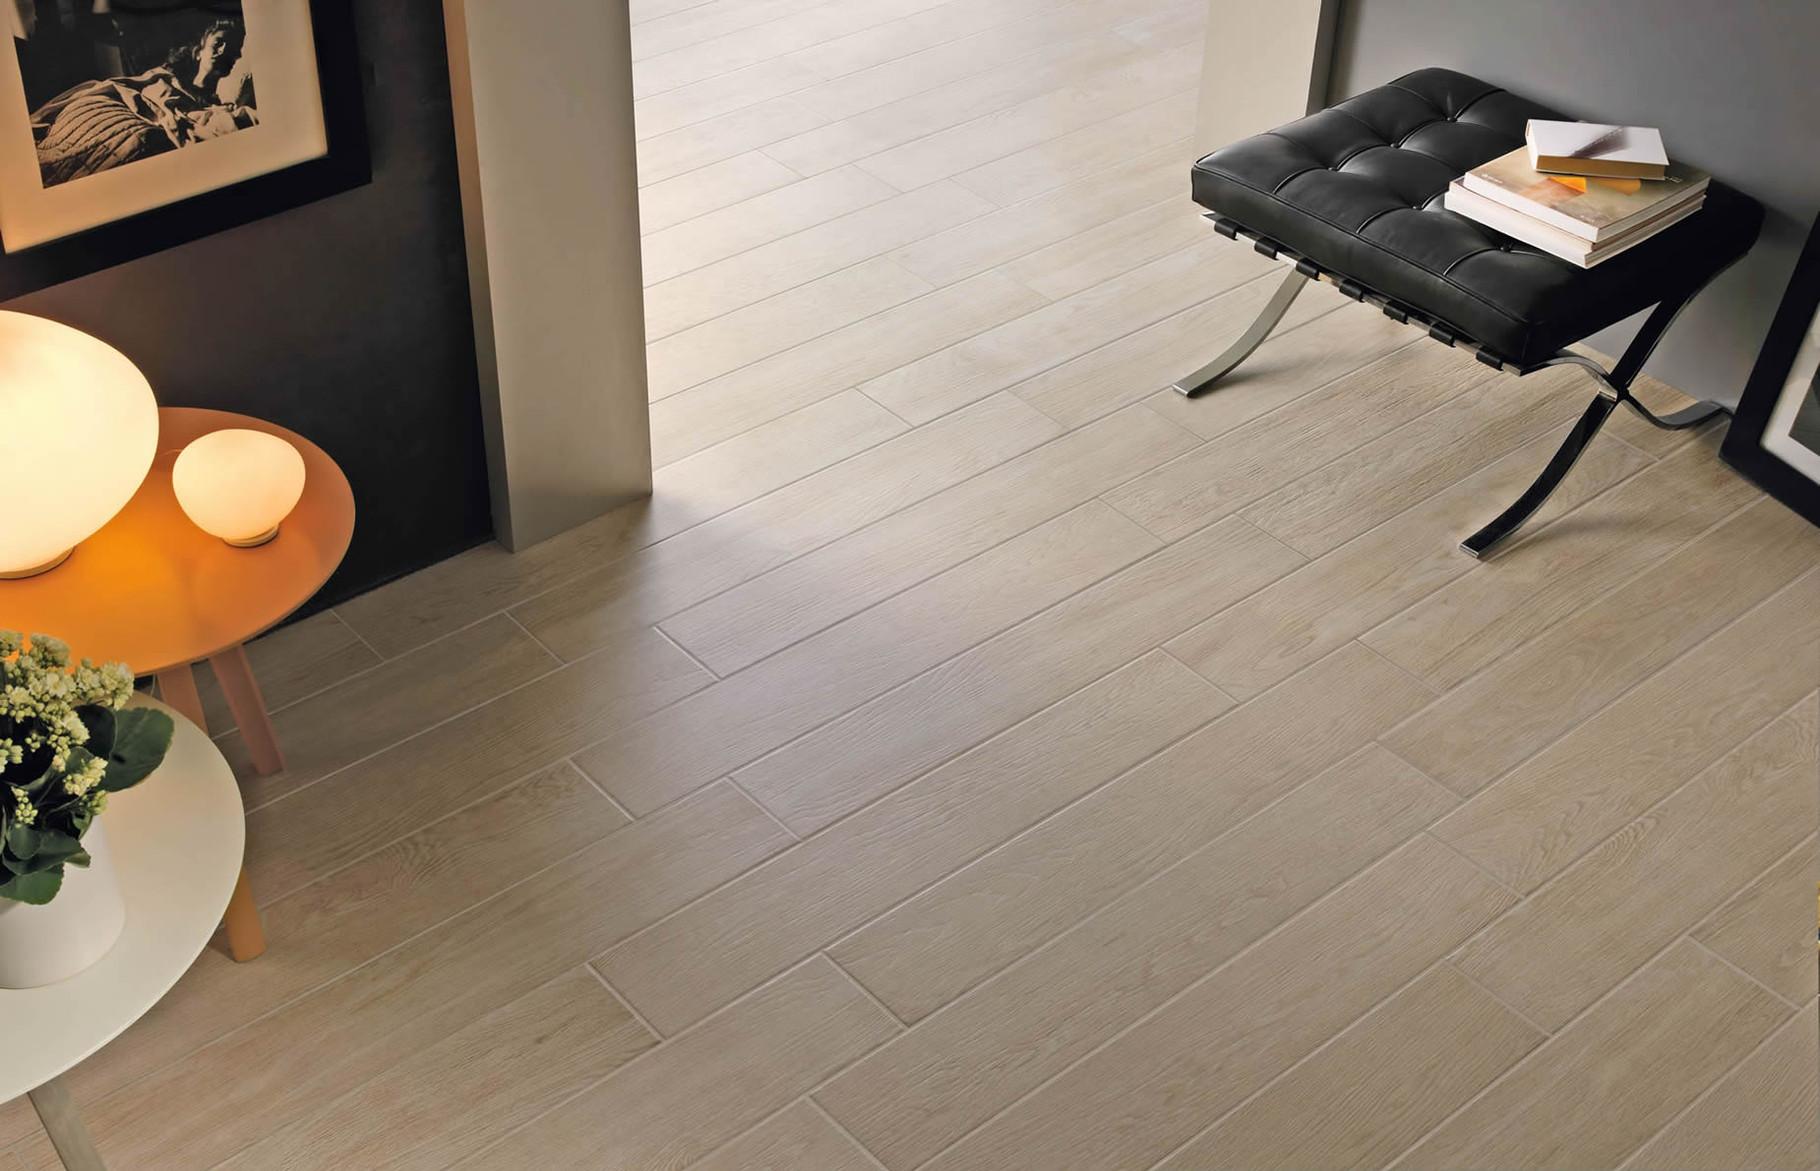 Gres porcellanato effetto legno casaeco pavimenti e rivestimenti in ceramica rubinetterie per - Stock piastrelle versace ...